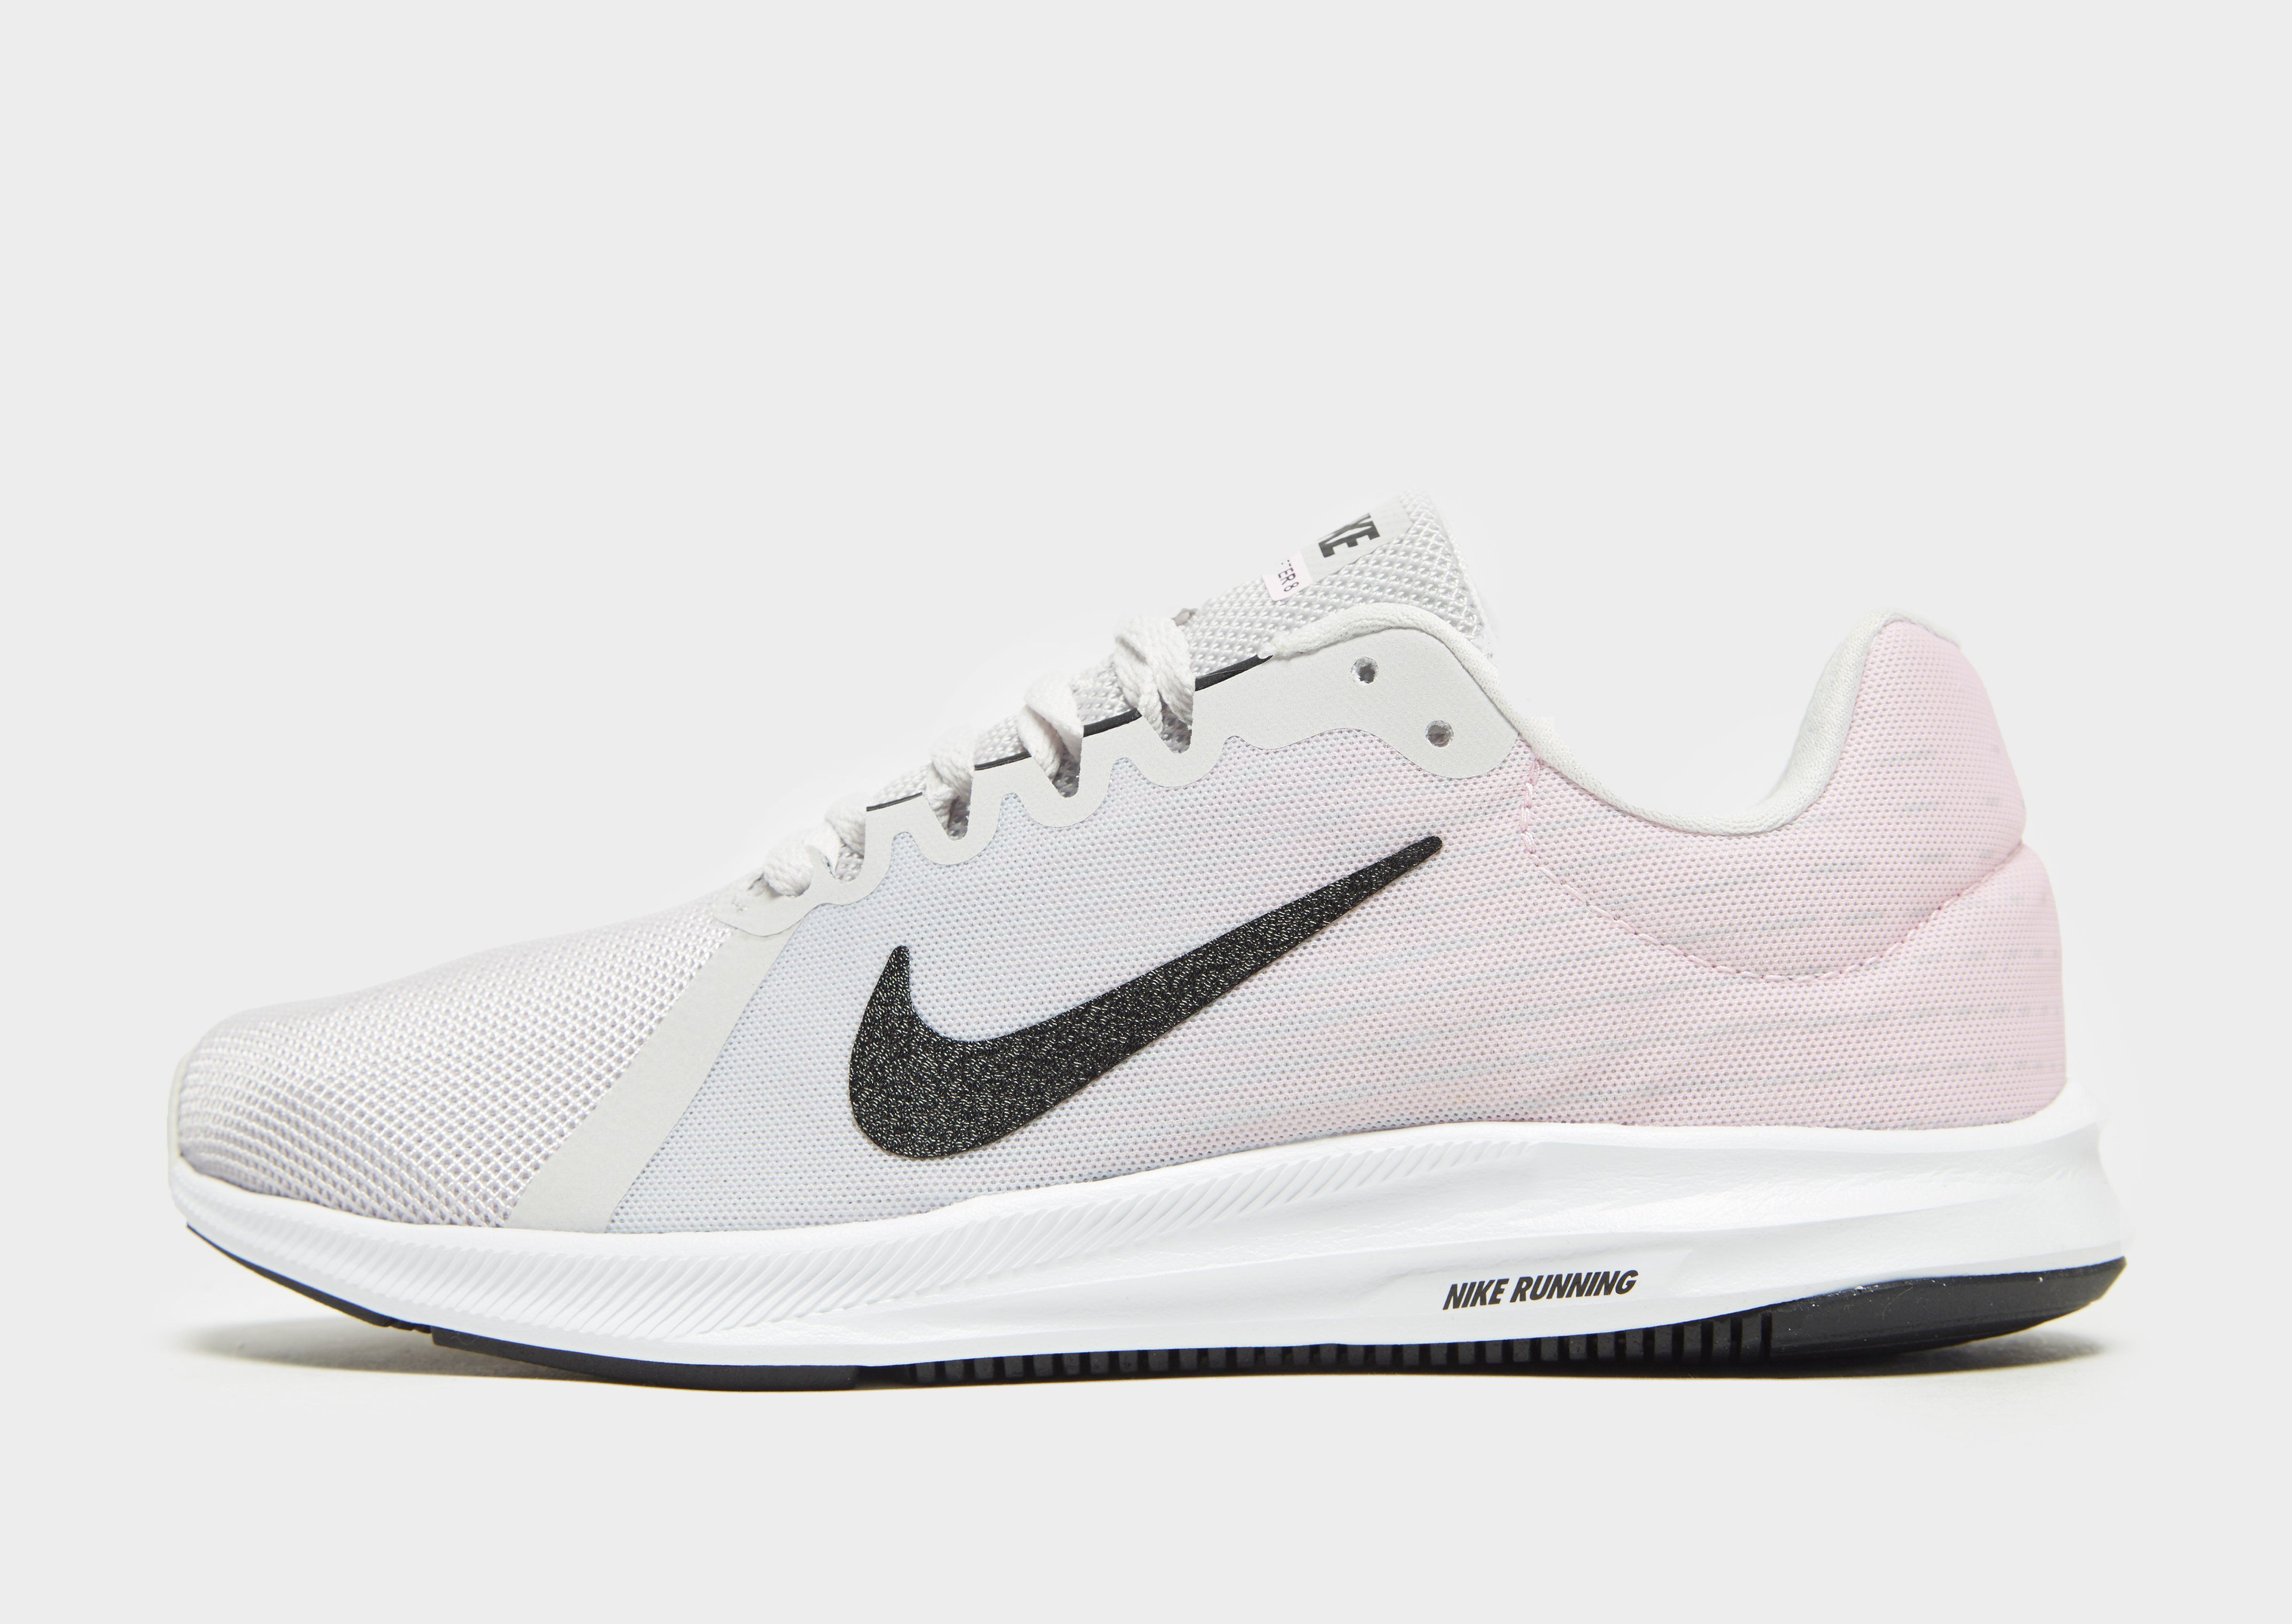 0be7821a9d7 NIKE Nike Downshifter 8 Women s Running Shoe